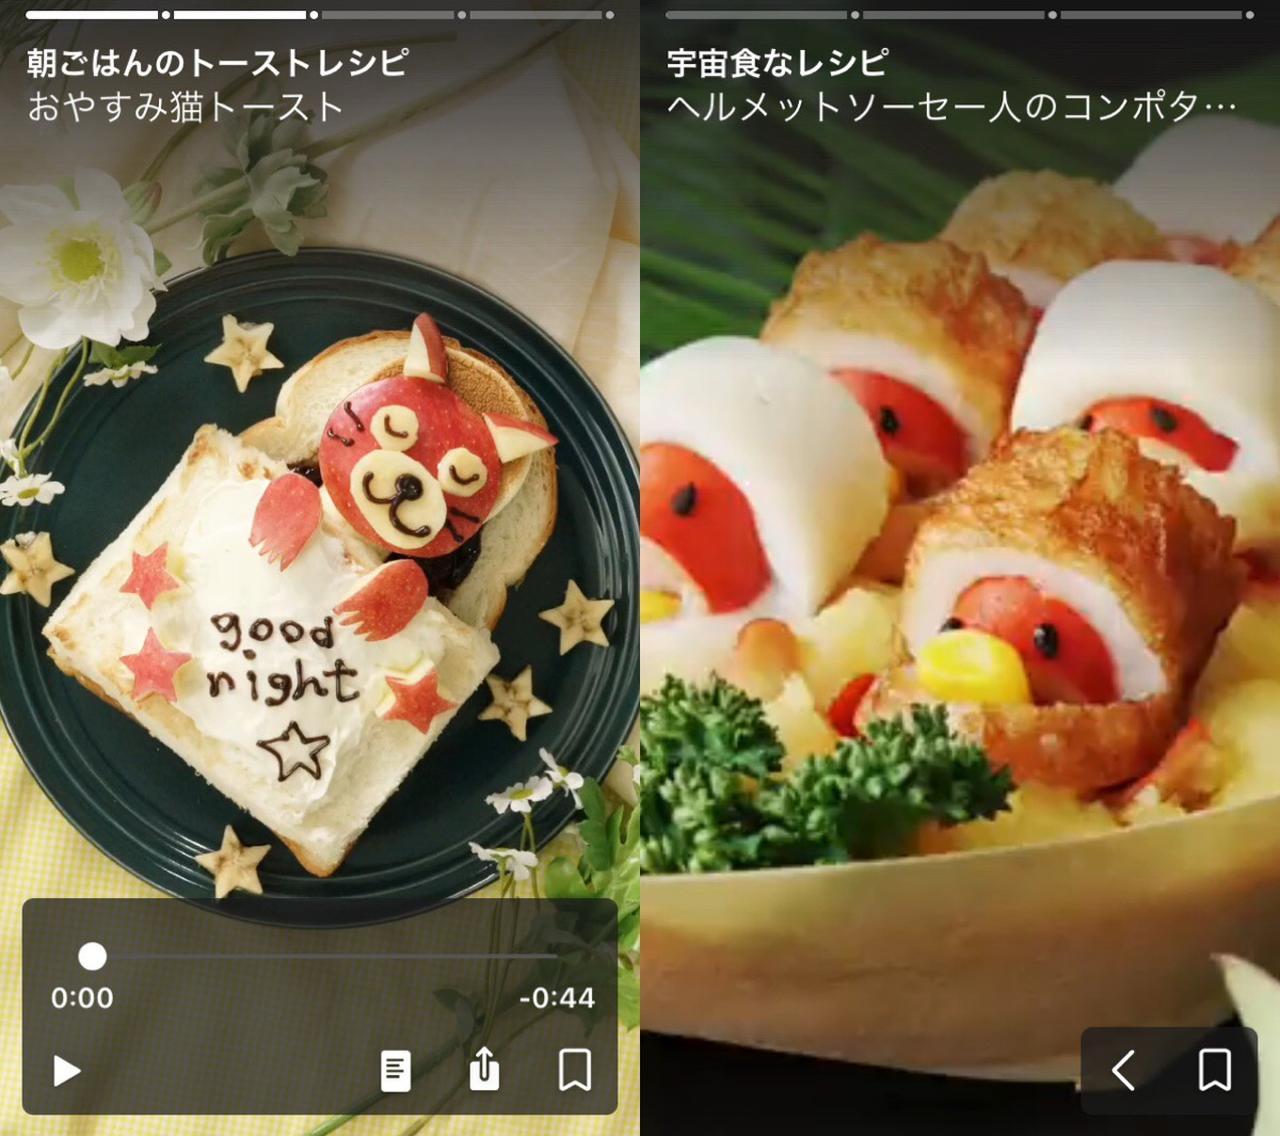 画像3: 可愛い!おしゃれ!インスタ映えレシピ動画満載!